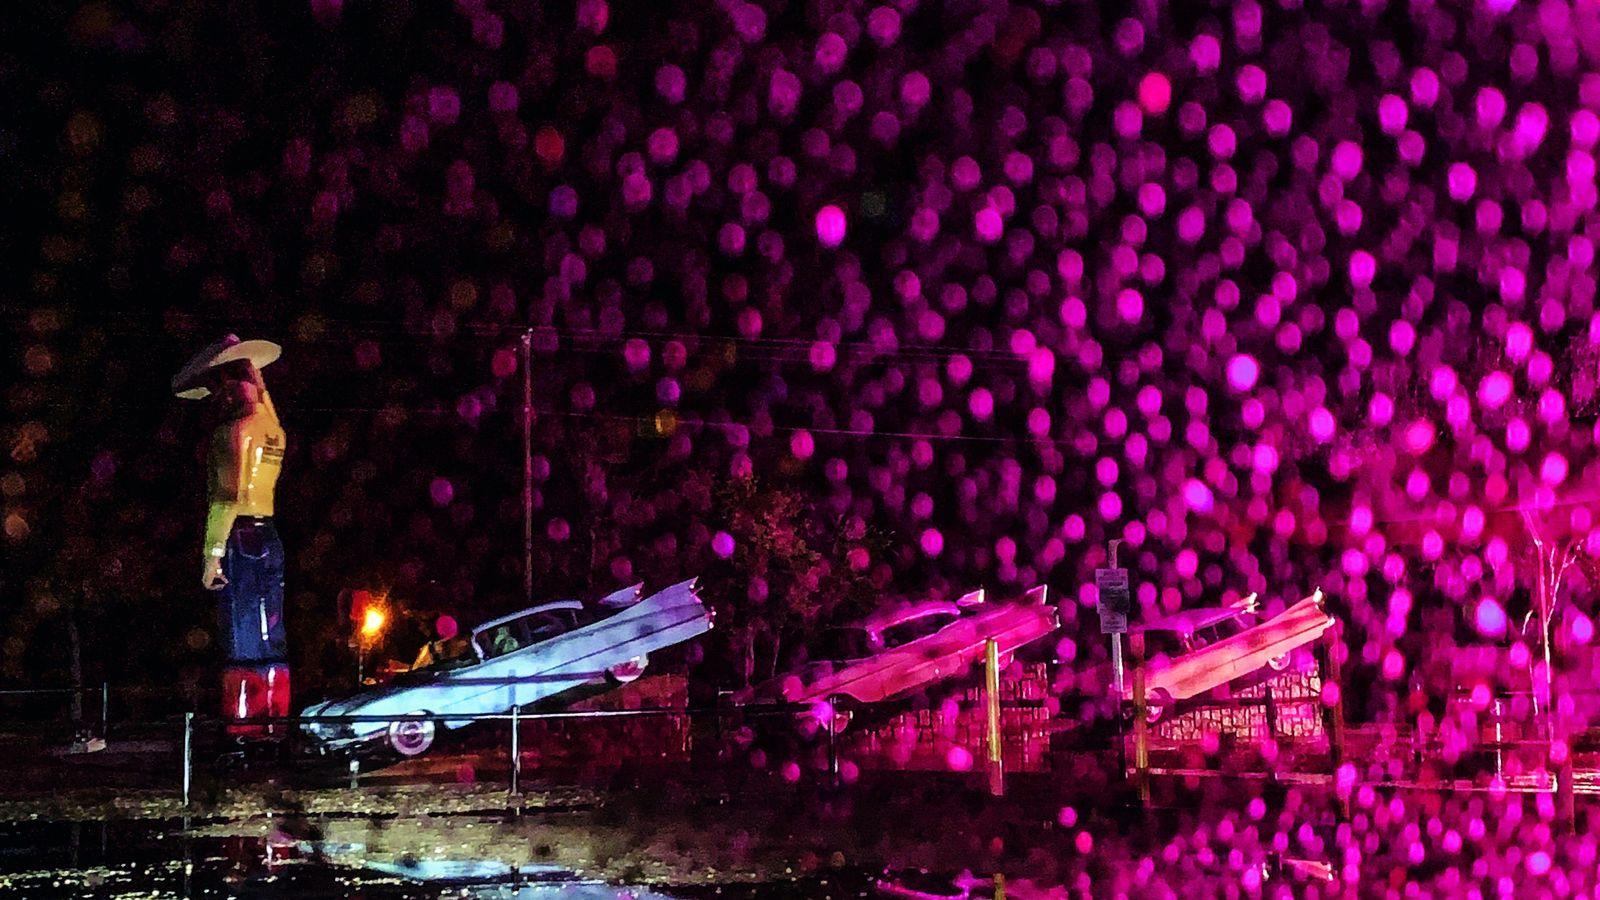 Dressées tels des totems sur l'aire de camping-cars de Cadillac Ranch, à Amarillo (Texas), ces voitures symbolisent un siècle de culte de l'automobile. Mais, avec plus ...